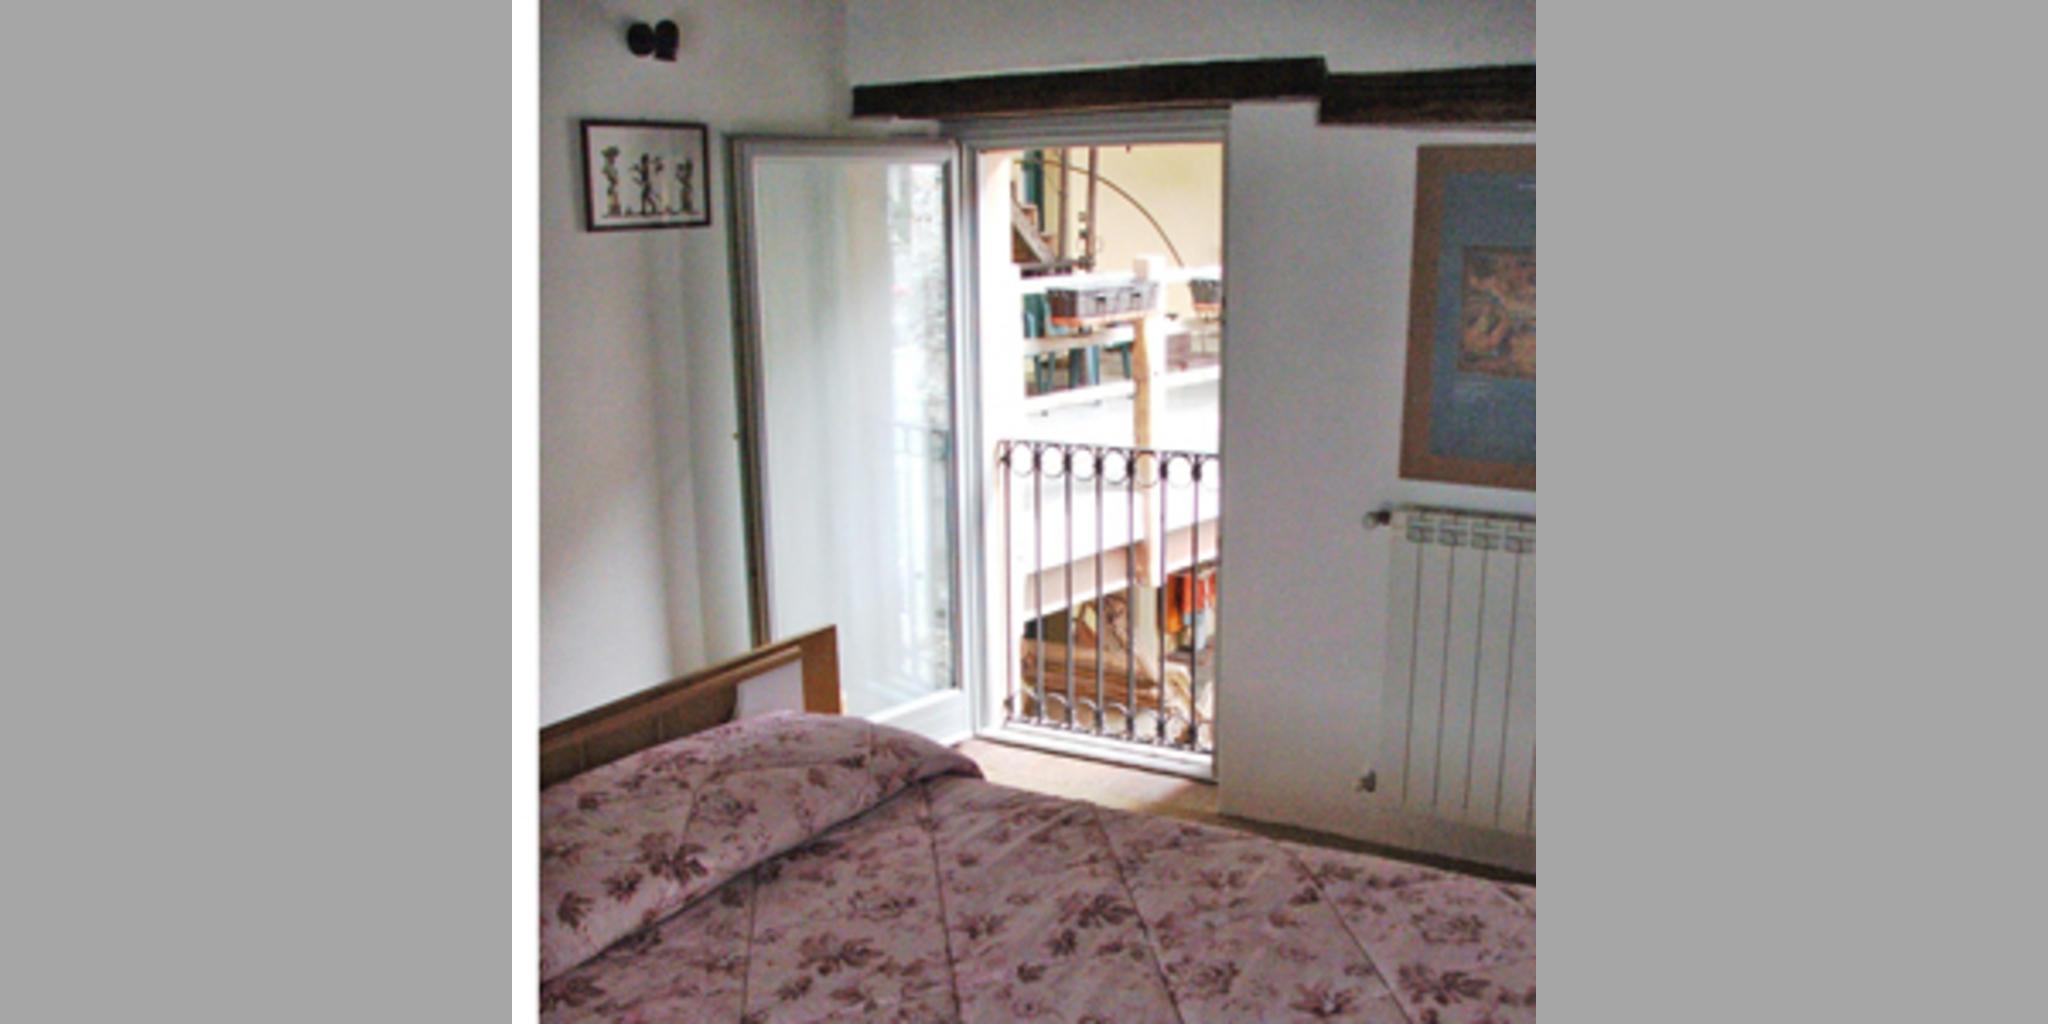 Appartement Anzano Del Parco - Lago Di Como  Piave_